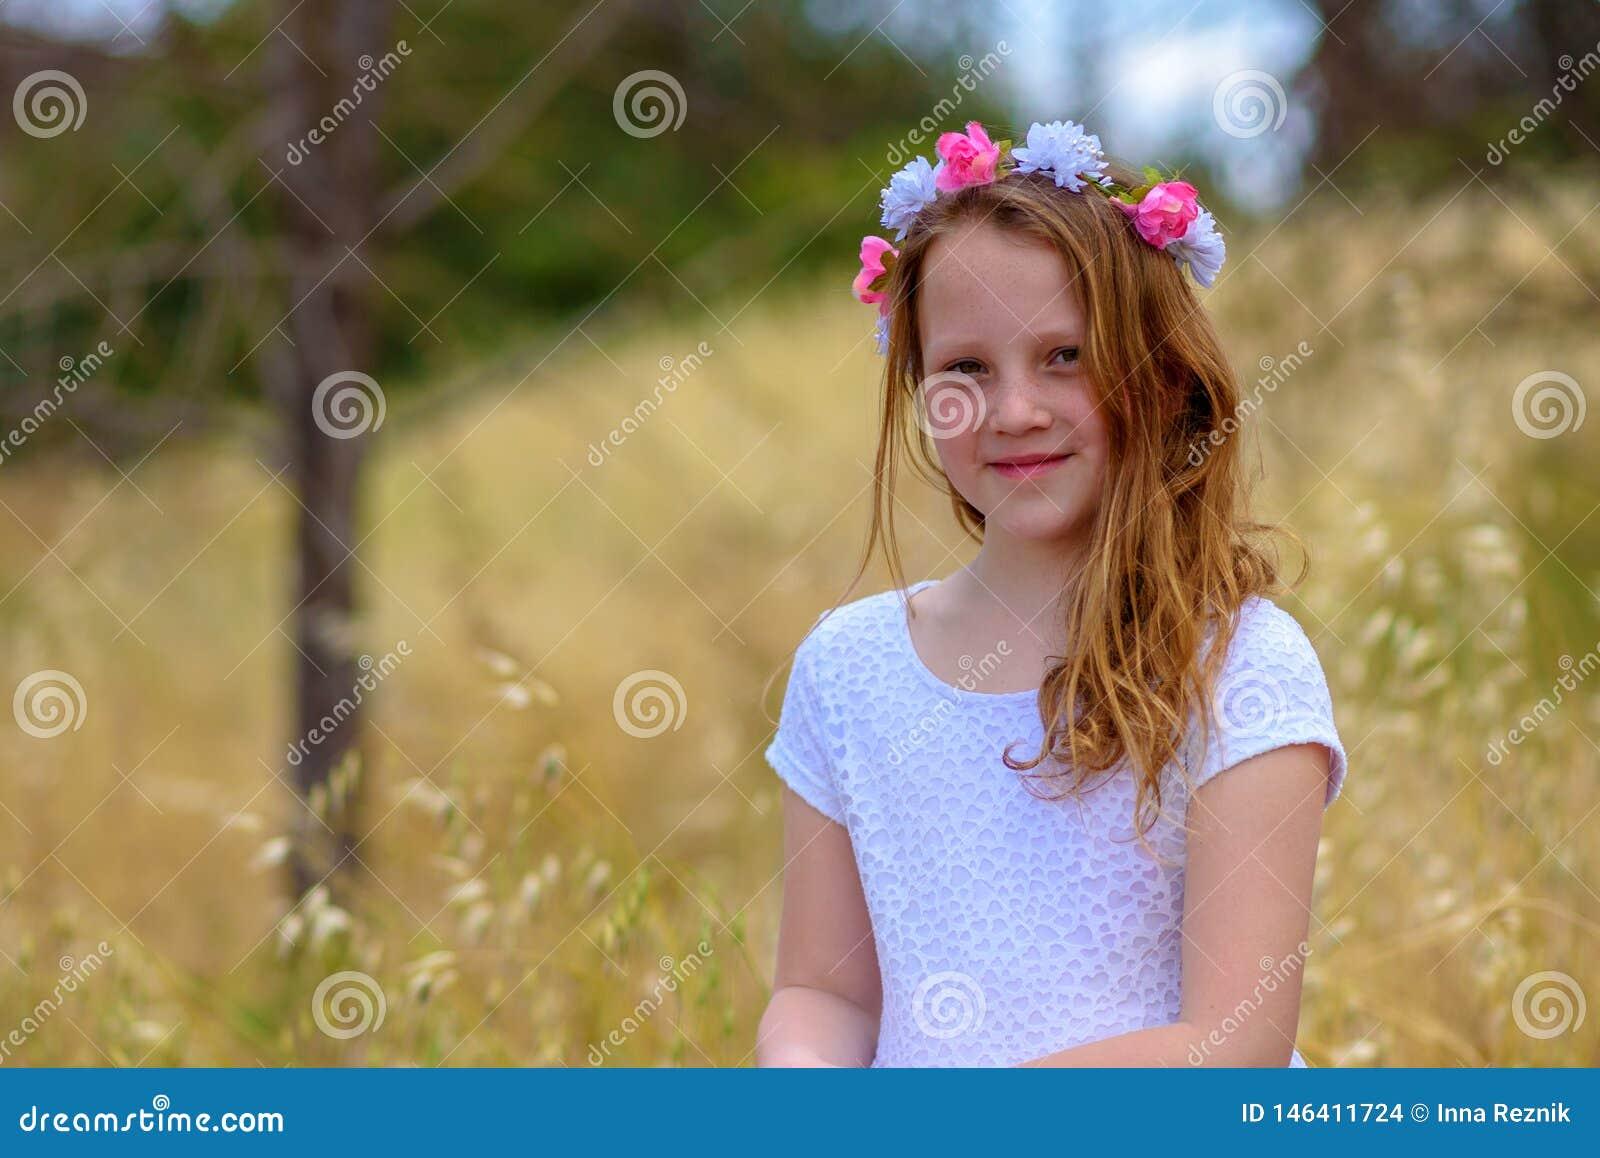 Muchacha hermosa con una guirnalda en su cabeza en un campo de trigo